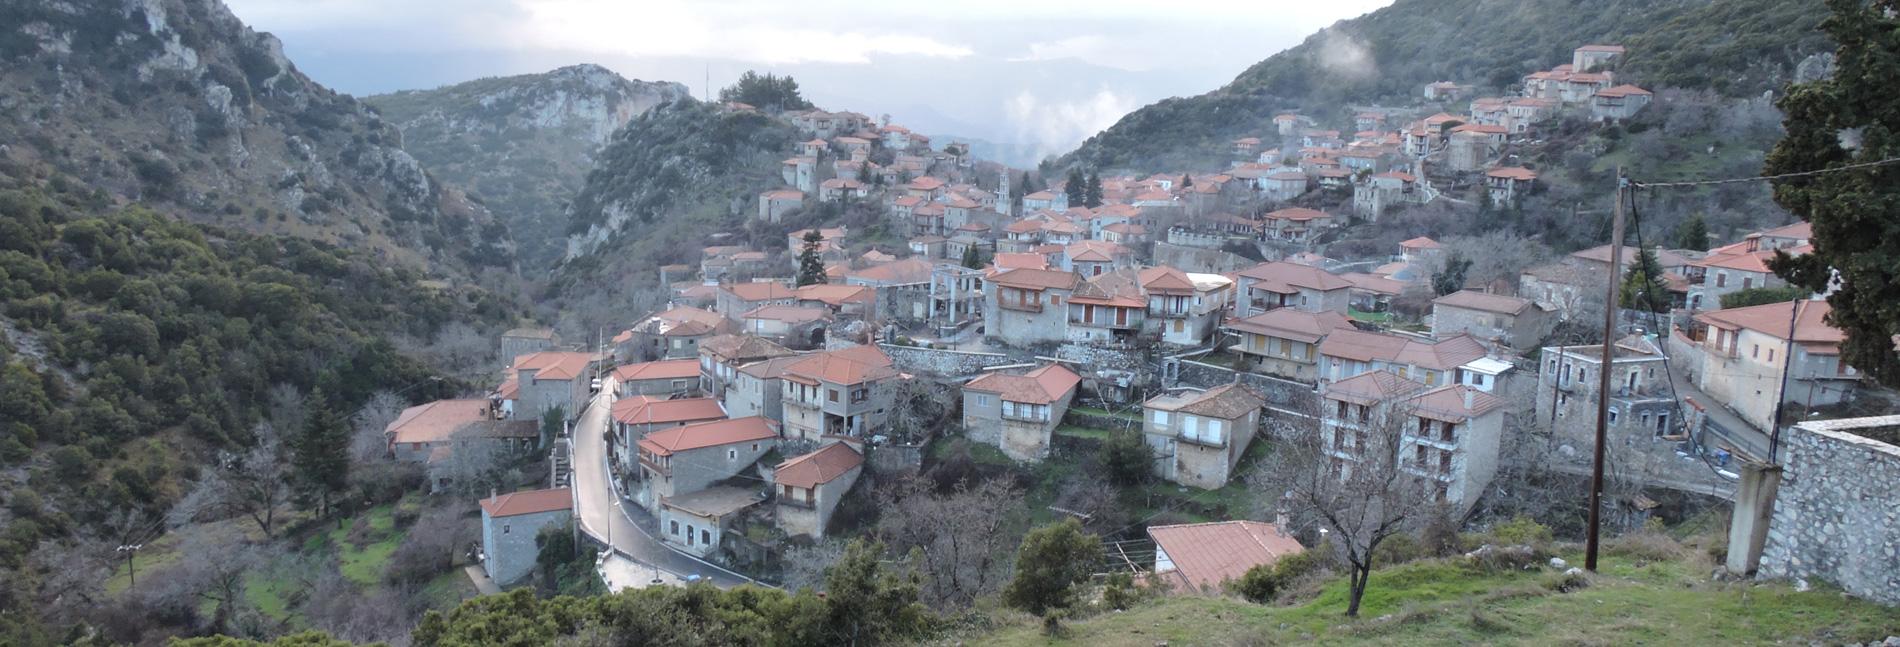 Το όμορφο χωριό μας